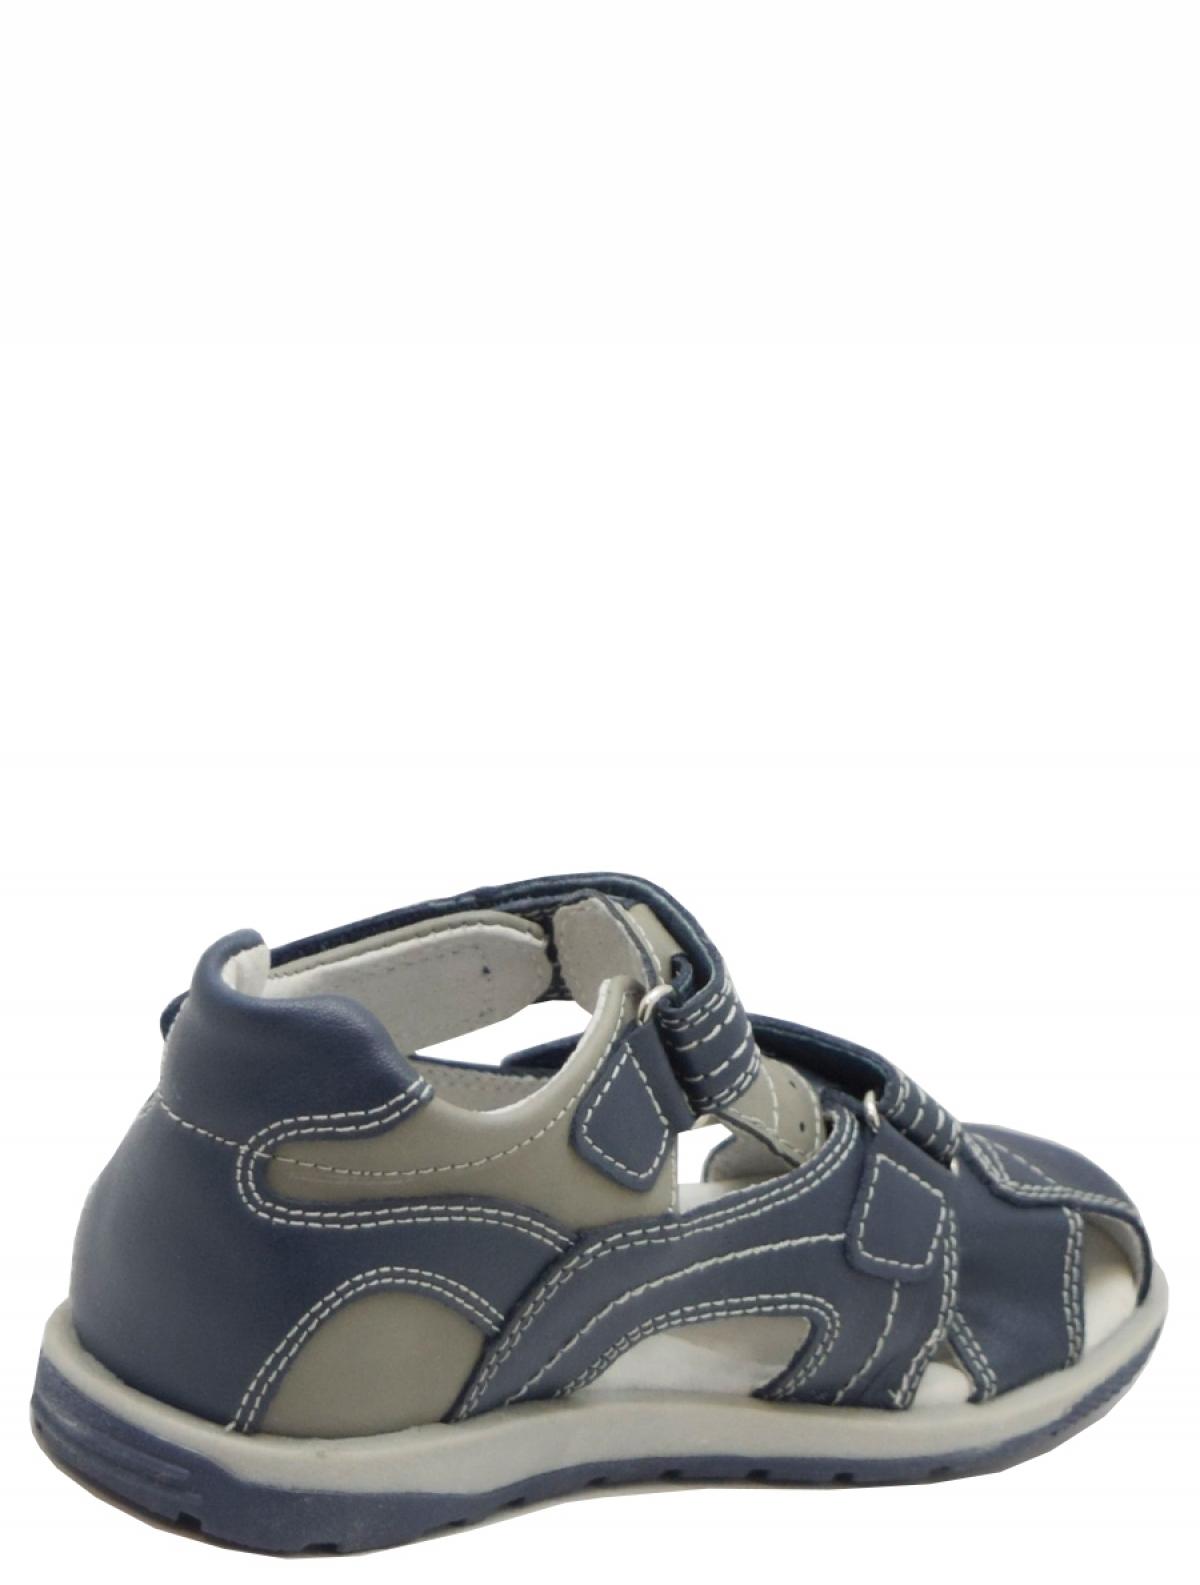 522089-21 сандали для мальчика